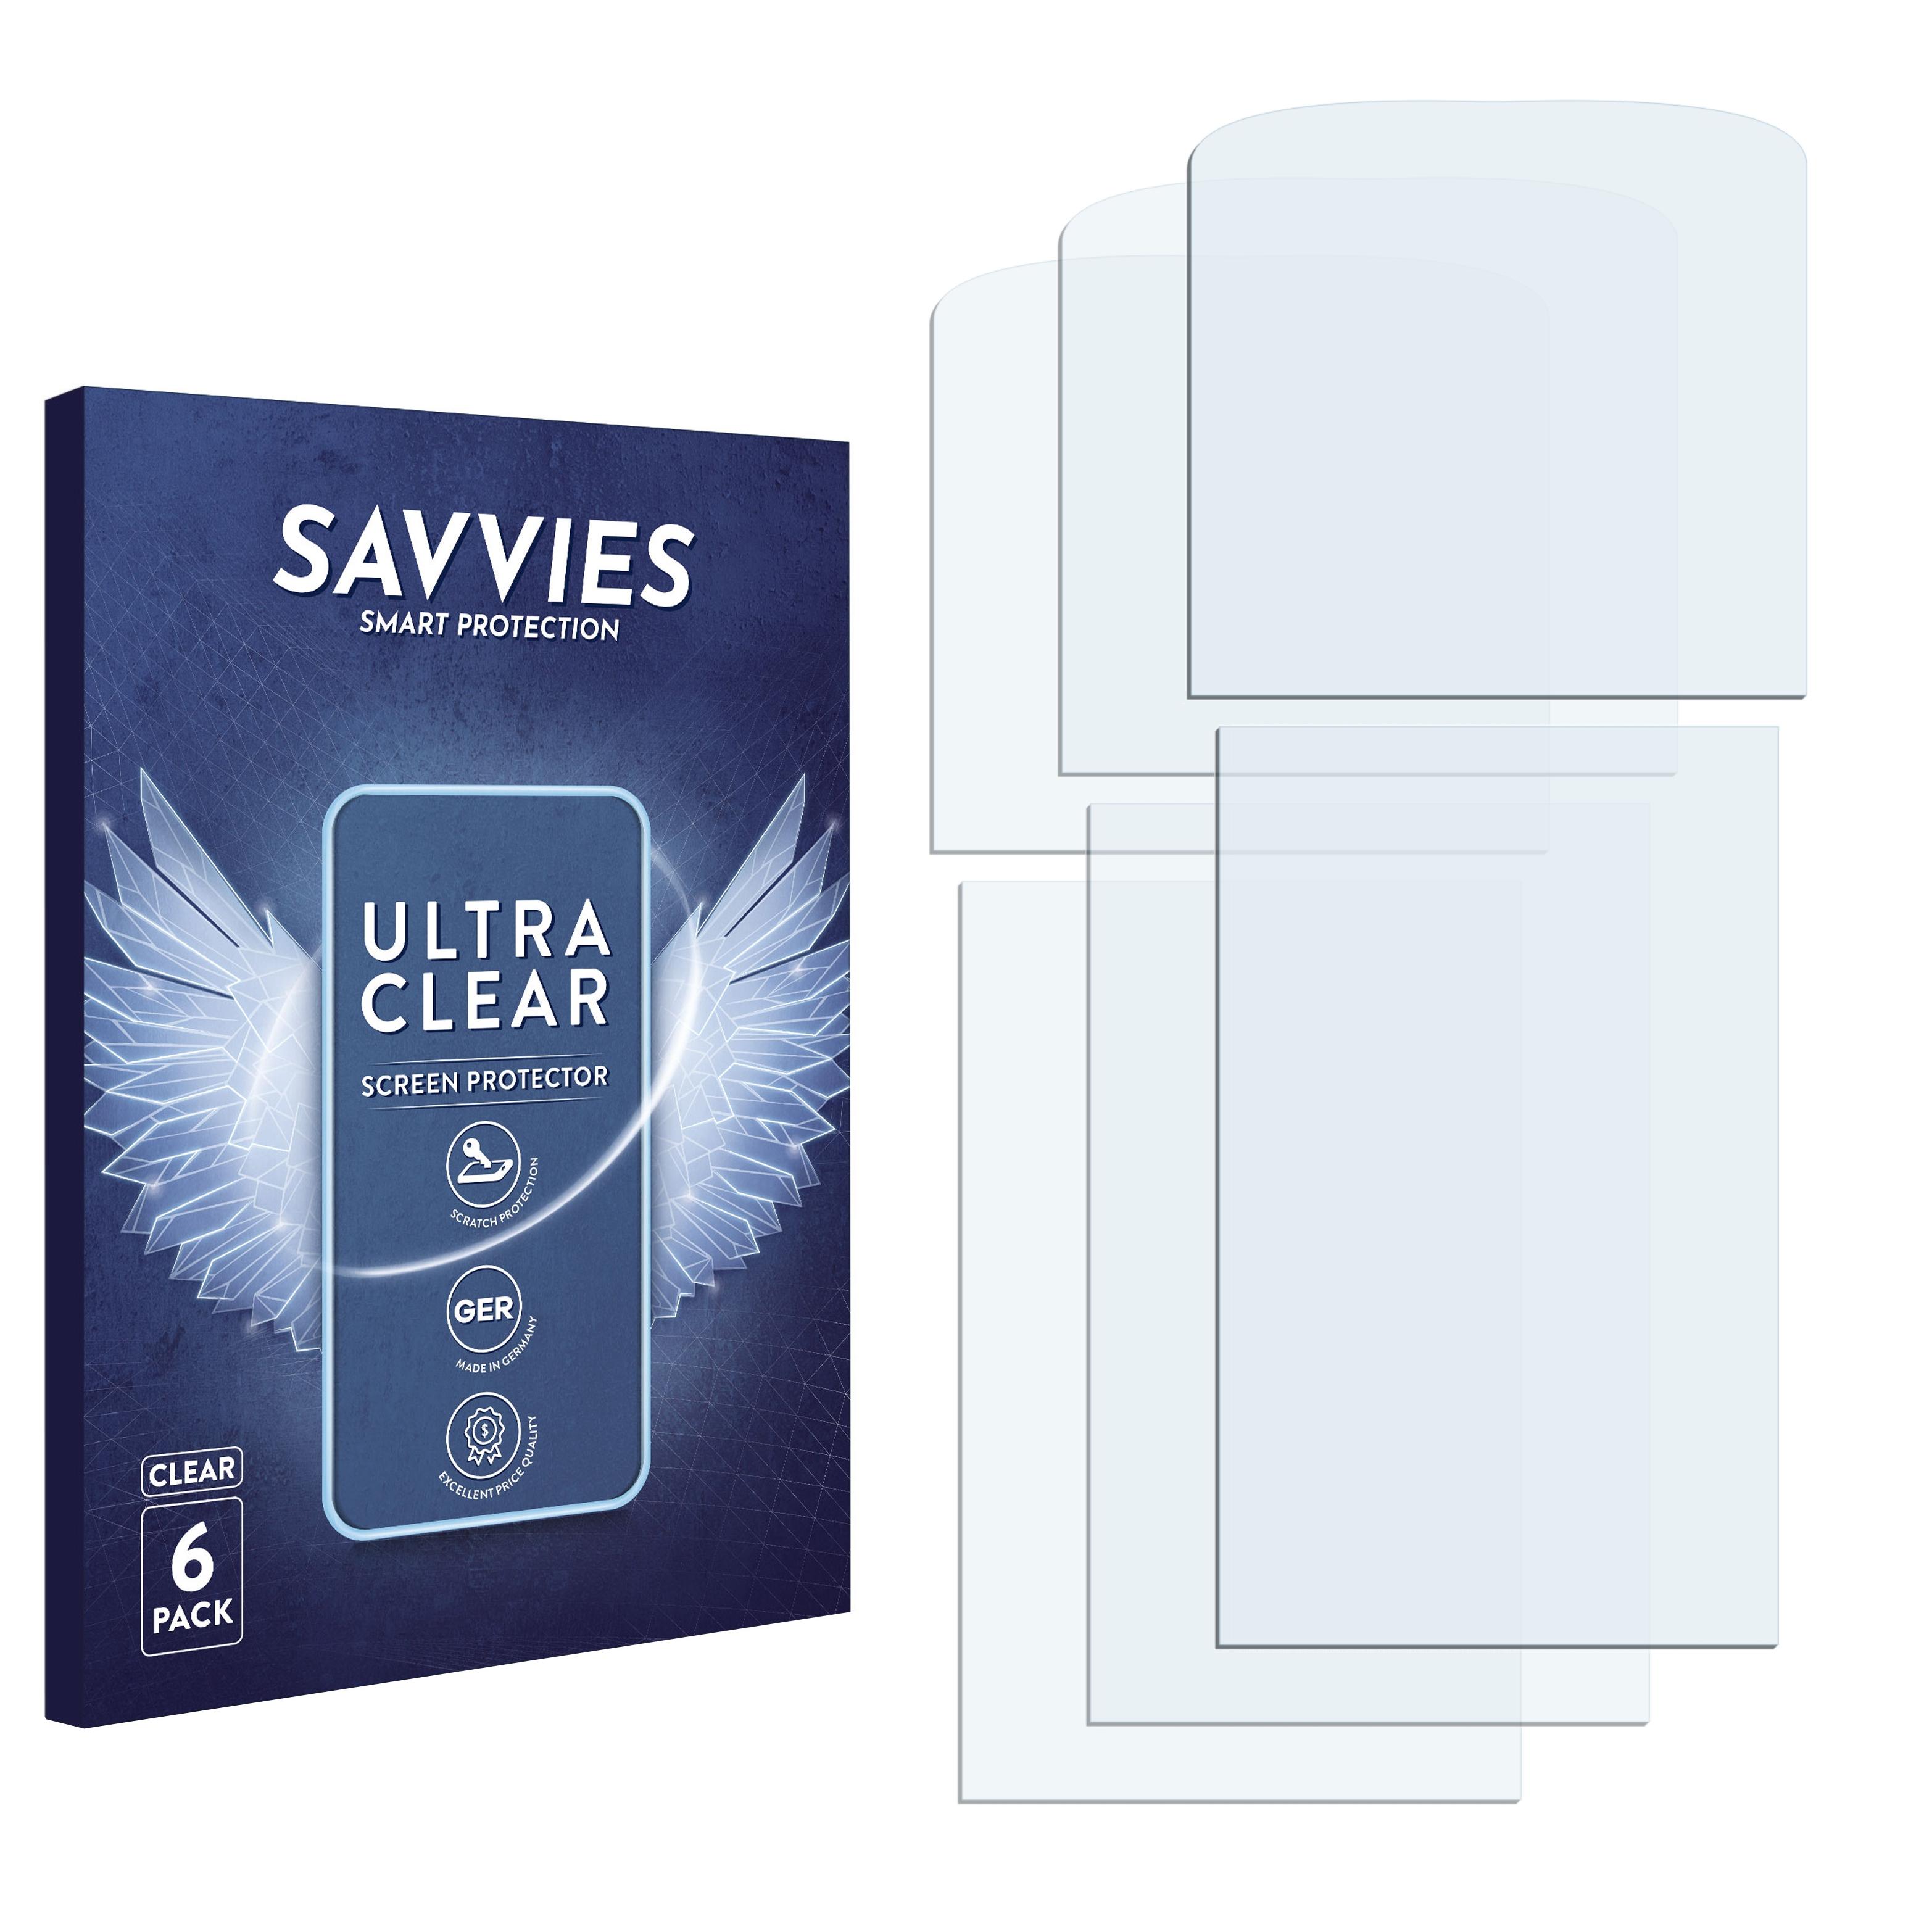 Ochranná fólie Savvies na LG Electronics KT610, 6ks